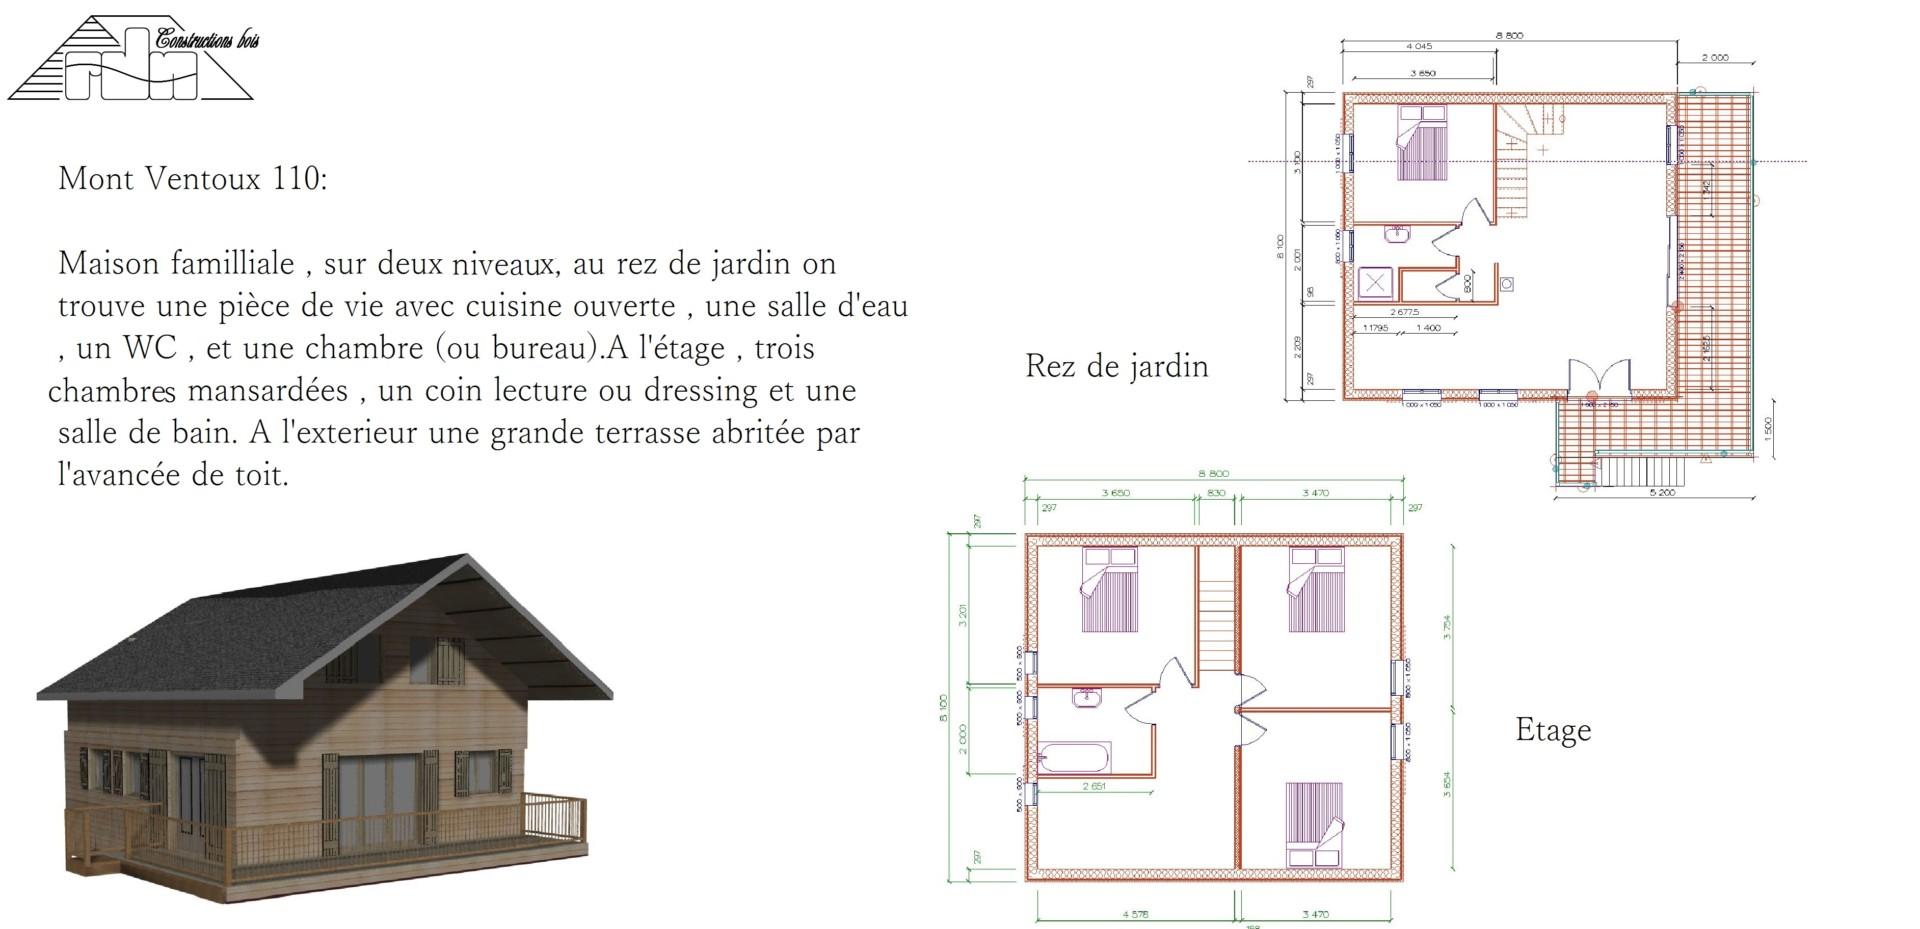 Mont Ventoux 110